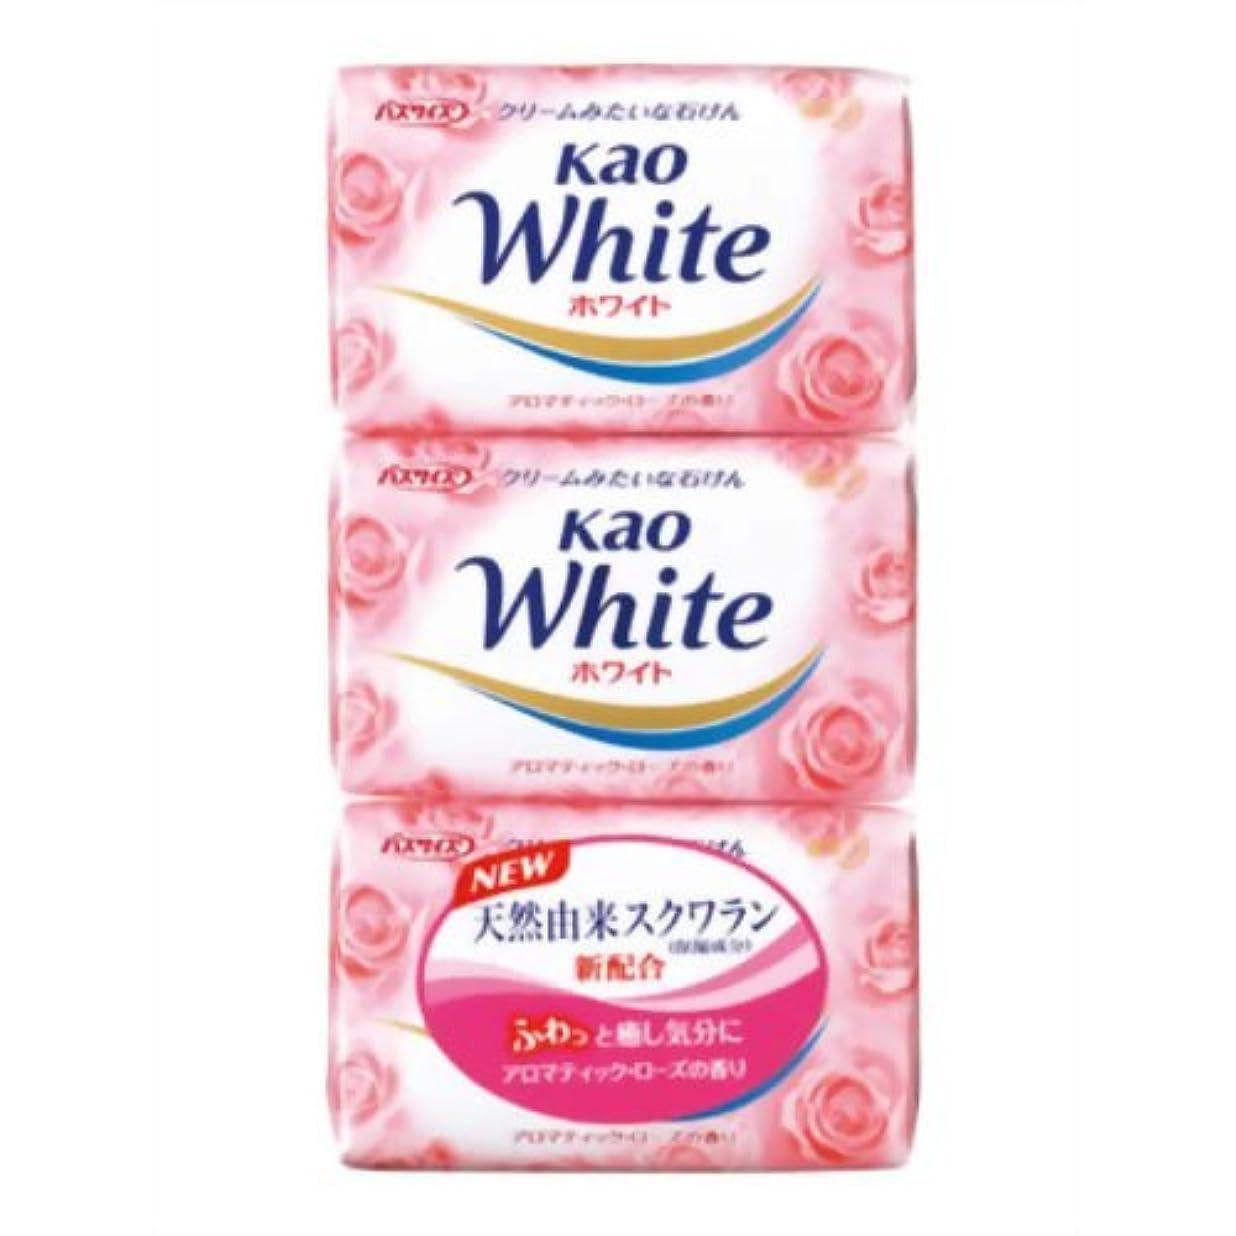 鯨ビルダー嵐の花王ホワイト アロマティックローズの香り バスサイズ 130g*3個入